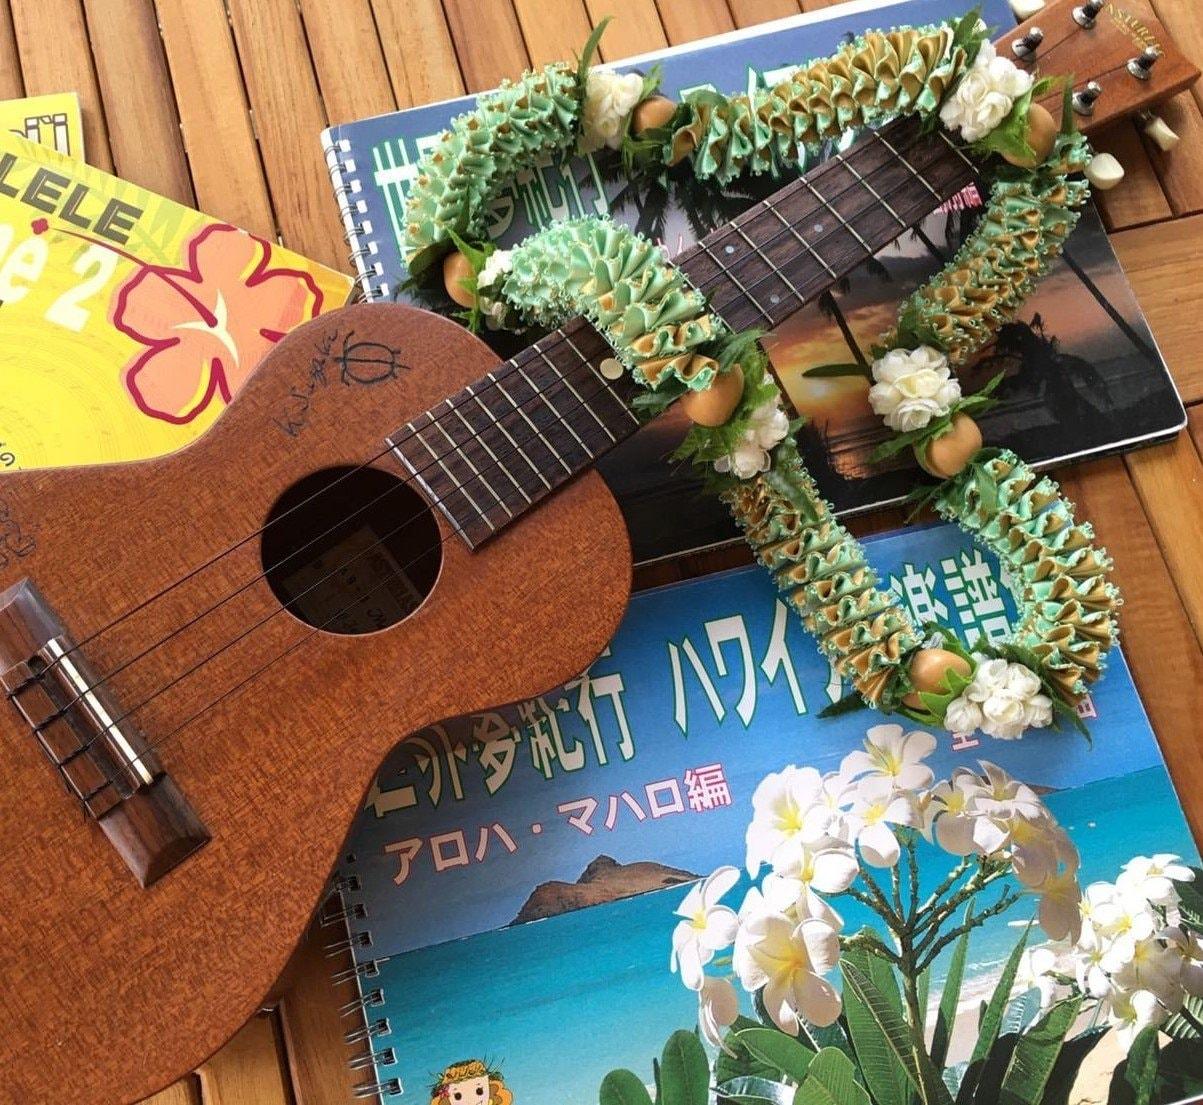 ウクレレ体験を福岡のハワイ!糸島で♪ 初めての人も楽しめる!ゆるゆるのんびり楽しむ音色♪ クリスマスバージョン☆彡のイメージその1